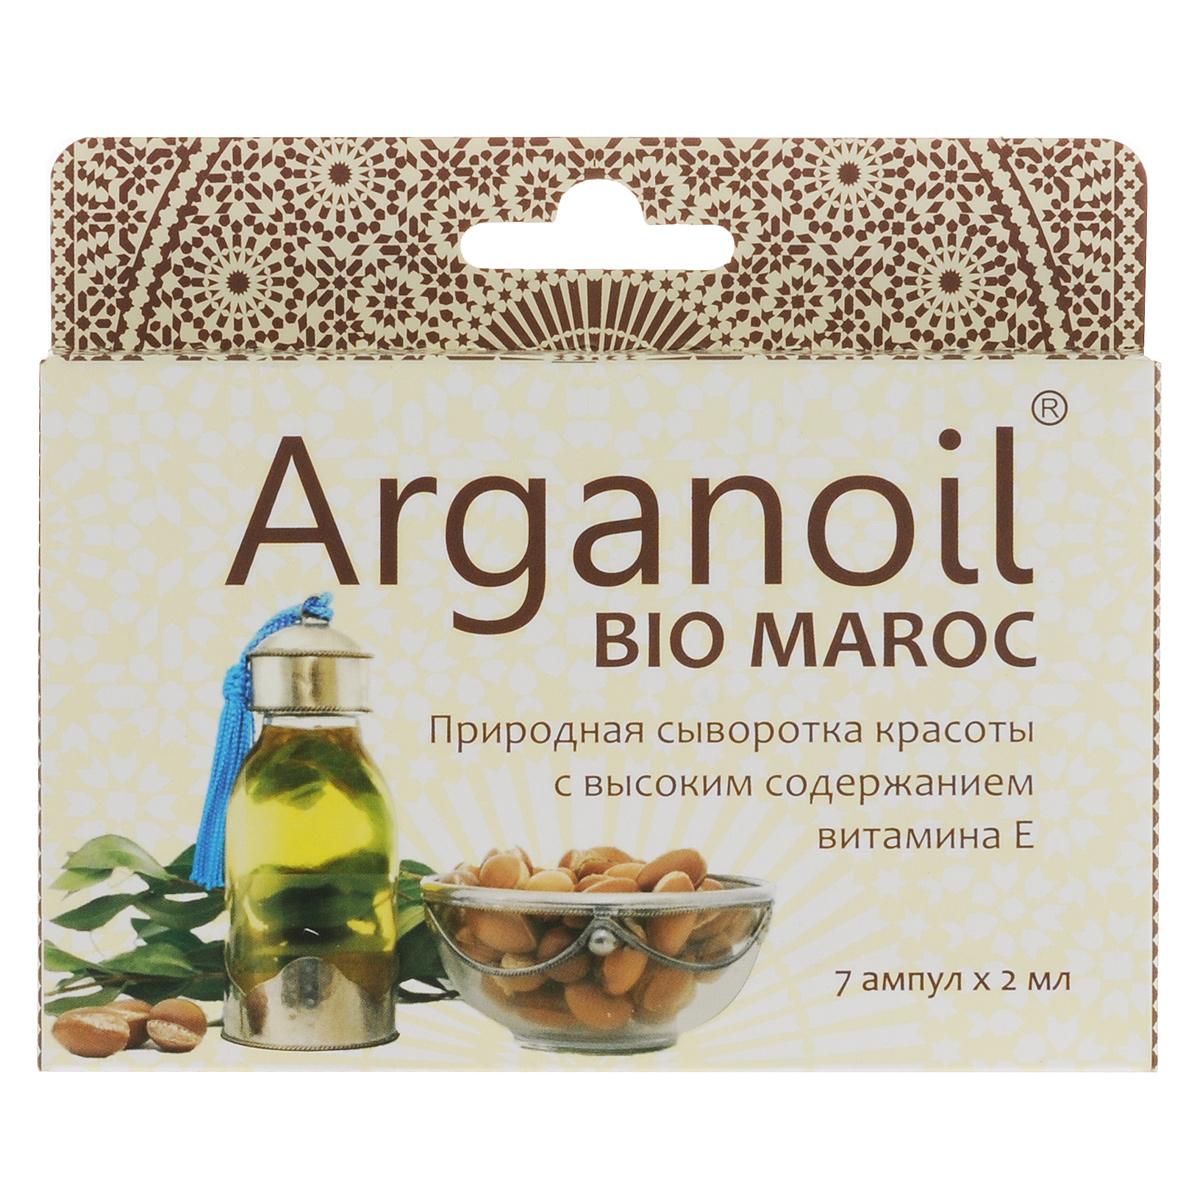 Дом Арганы Масло Арганы для лица и тела Arganoil Bio Maroc, косметическое, 7х2 мл70667Уникальный эликсир молодости и красоты. Высокое содержание природного витамина Е и ненасыщенных жирных кислот. Масло питает, смягчает, усиливает обменные и регенерационные процессы кожных покровов, стимулирует выработку эластина и коллагена, запускает в организме процессы метаболизма и интенсивного омолаживающего действия. Увлажняет, защищая кожу от сухости и раздражения. Прекрасно впитывается, улучшая состояние кожного покрова. Разглаживает неглубокие морщины, подтягивая контур лица. Идеально подходит для любого типа кожи.Товар сертифицирован.